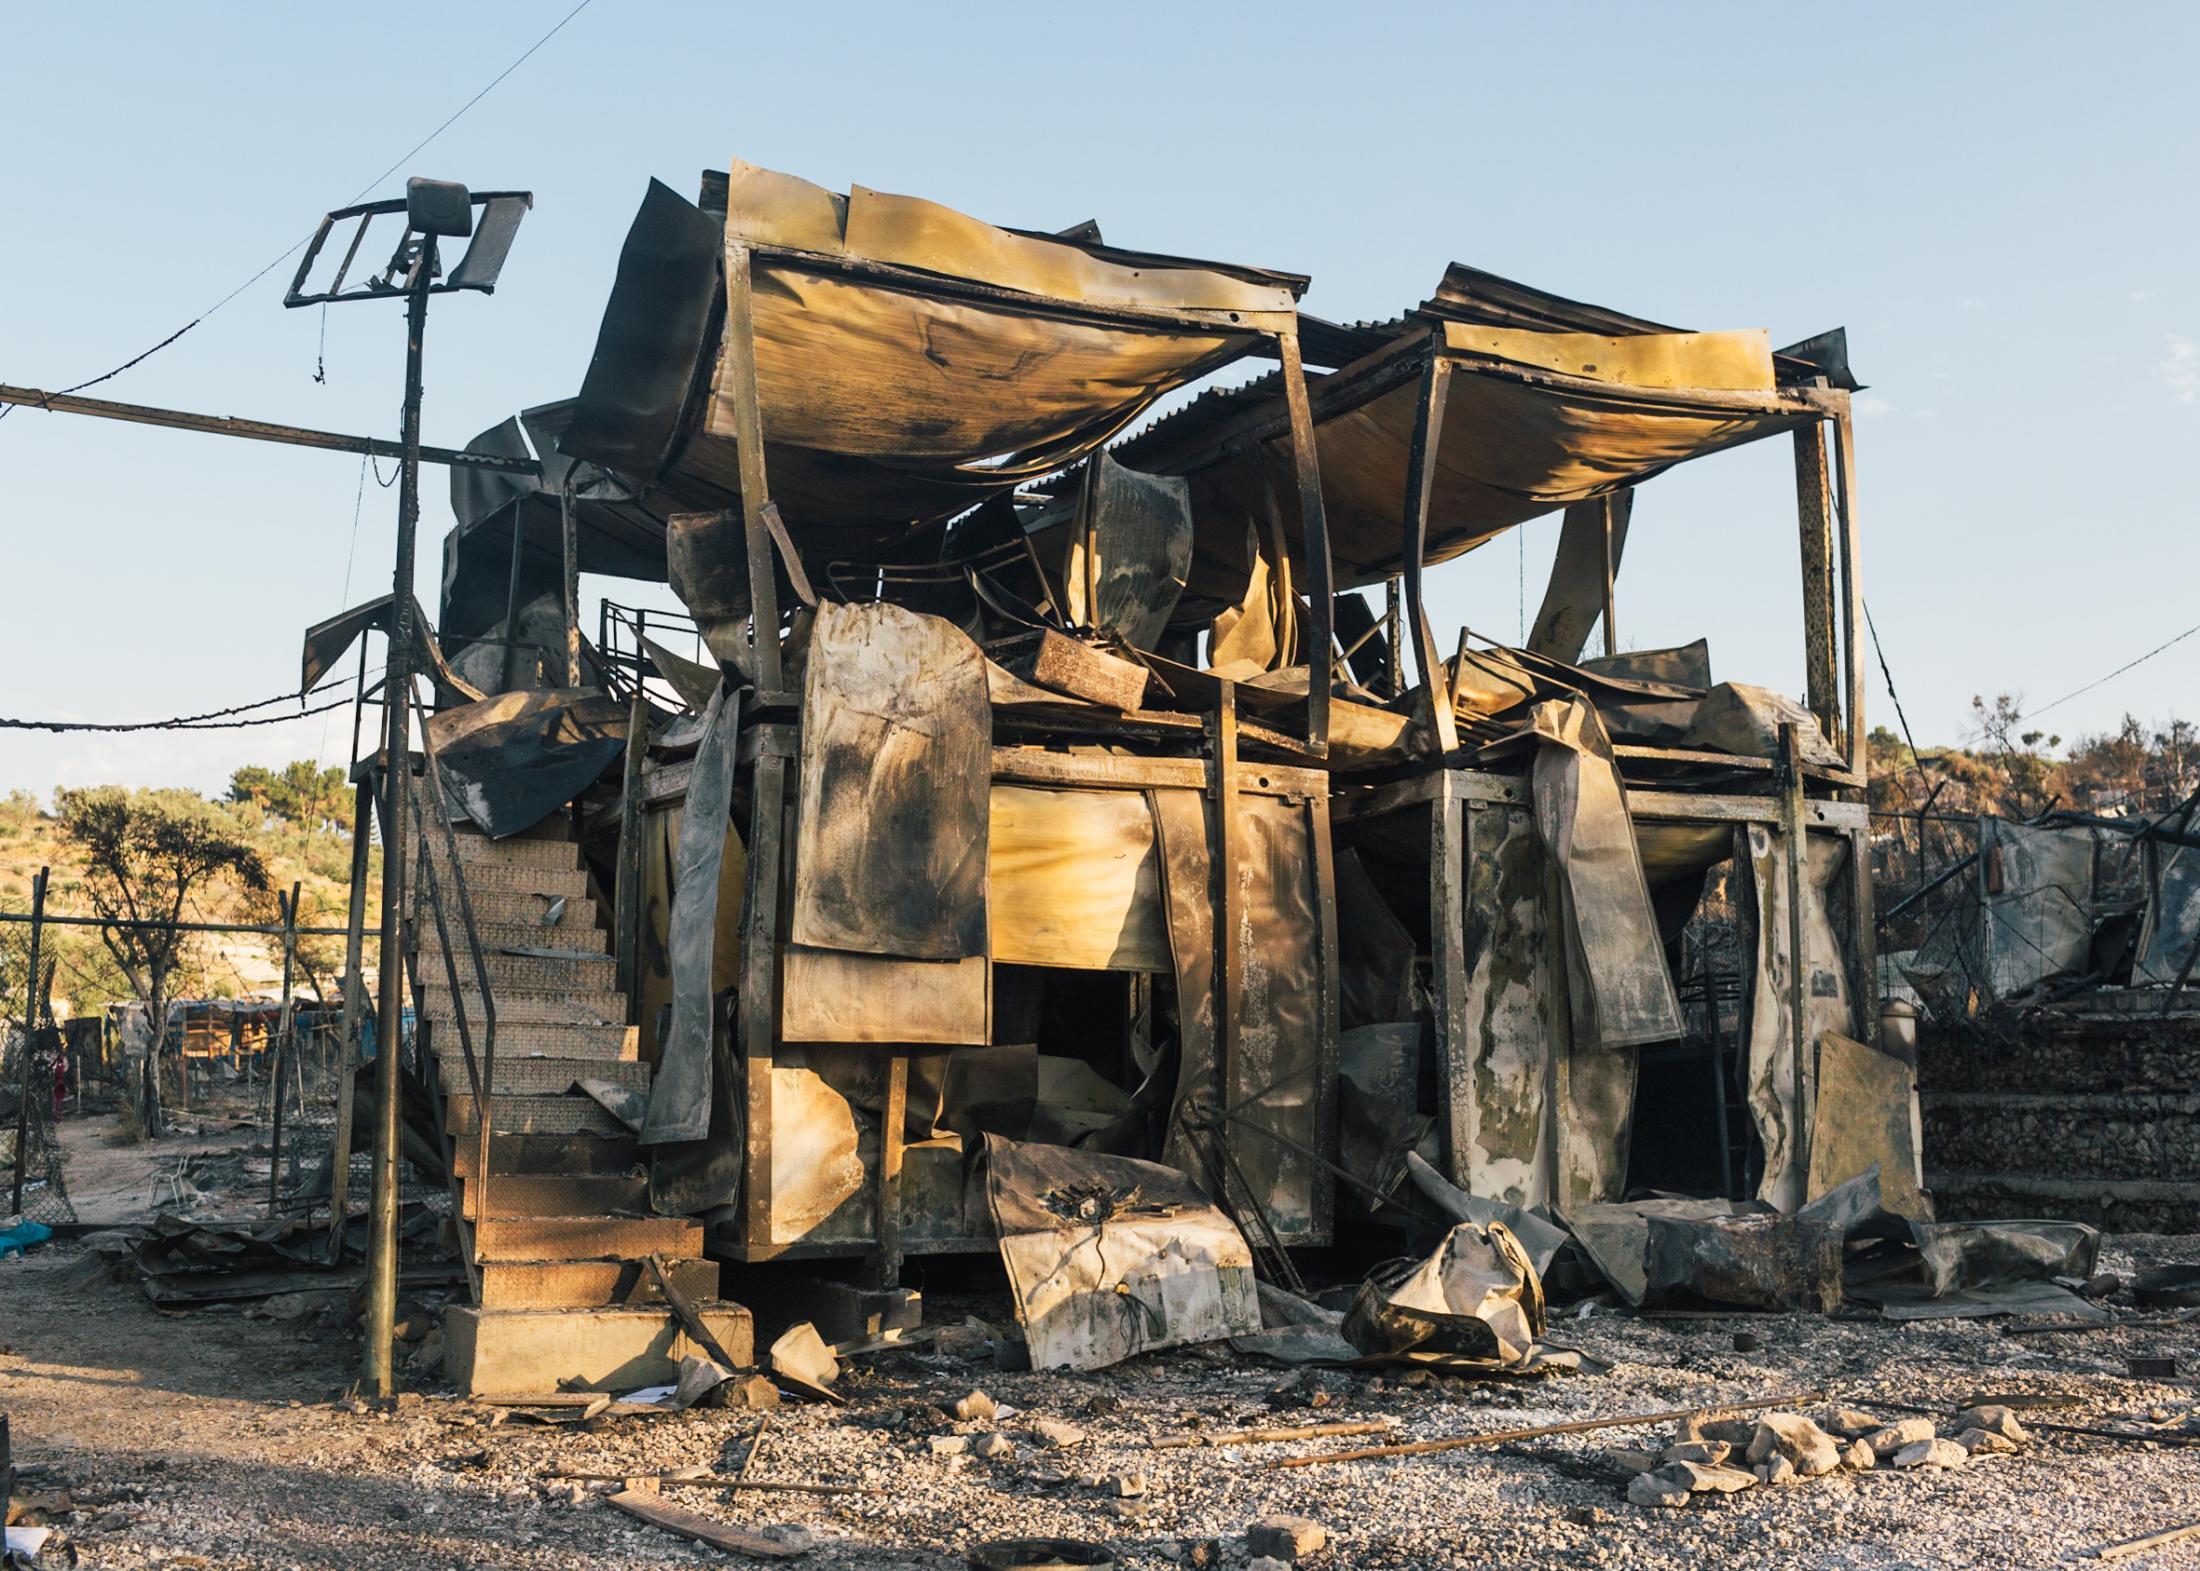 Bei einem Großbrand am 09. September 2020 werden rund 80% des Lagers zerstört.